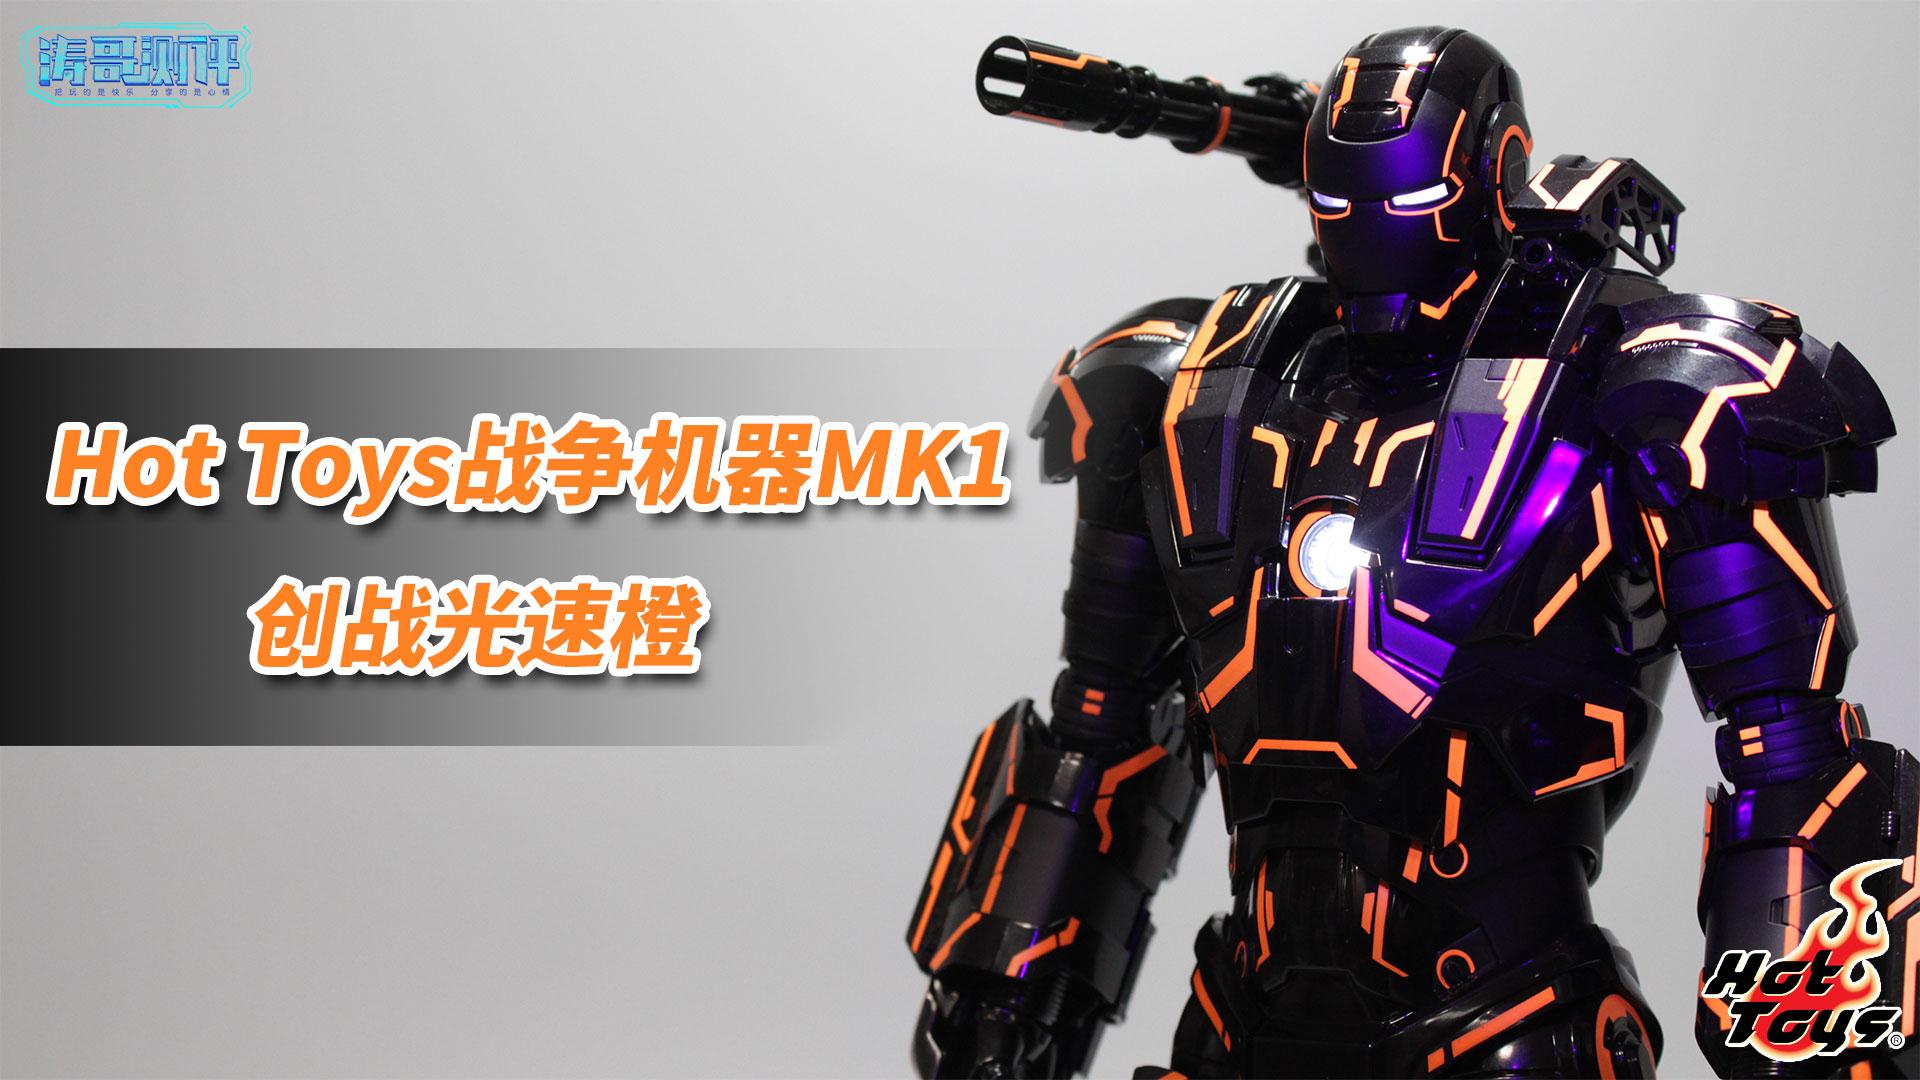 荧光钢铁侠又添一员,Hot Toys战争机器MK1创战光速橙开箱【涛哥测评】